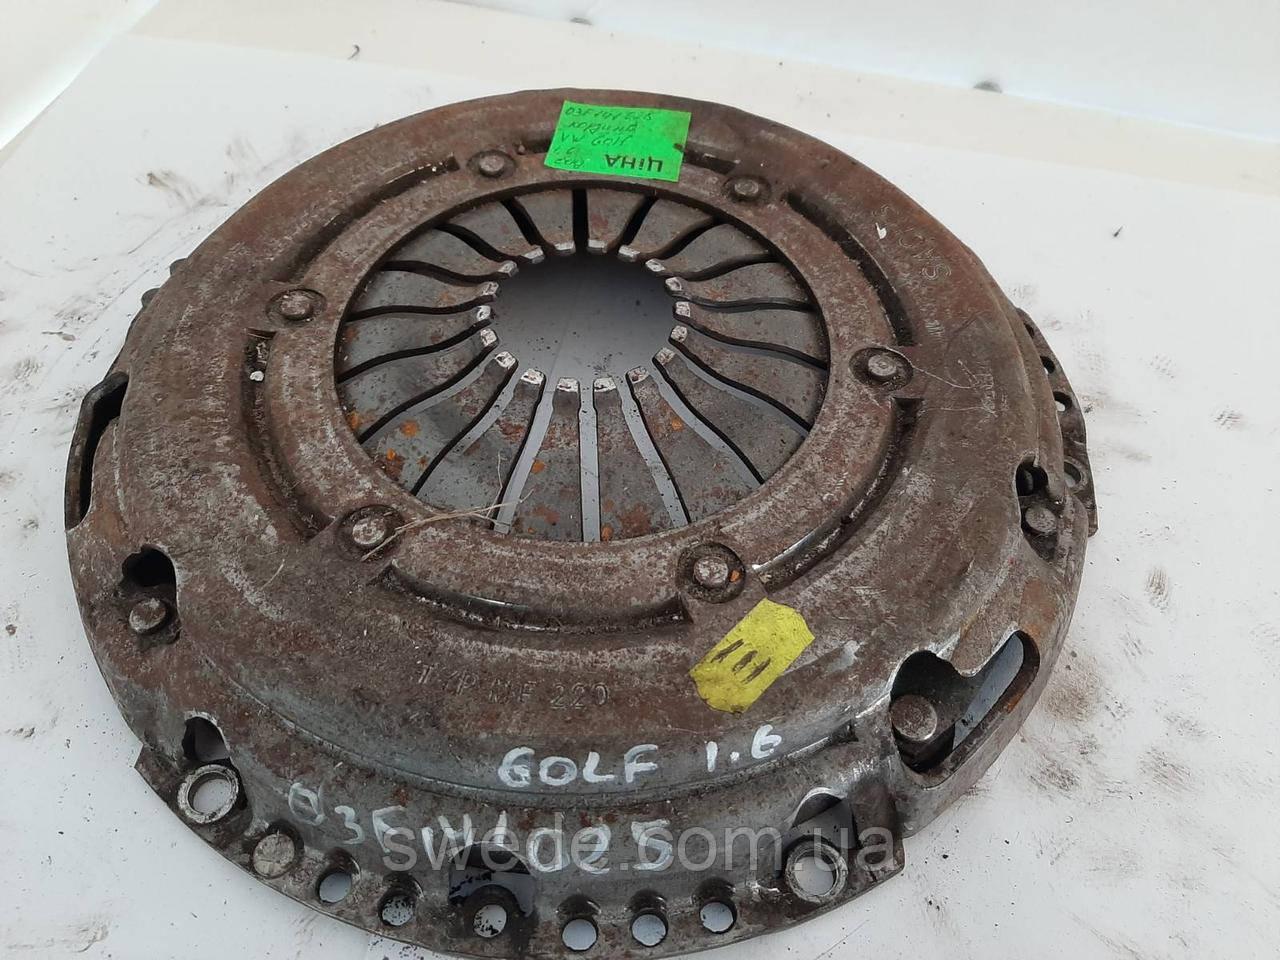 Корзина сцепления Volkswagen Golf VI 1.6 FSI 2008-2013 гг 03F141025